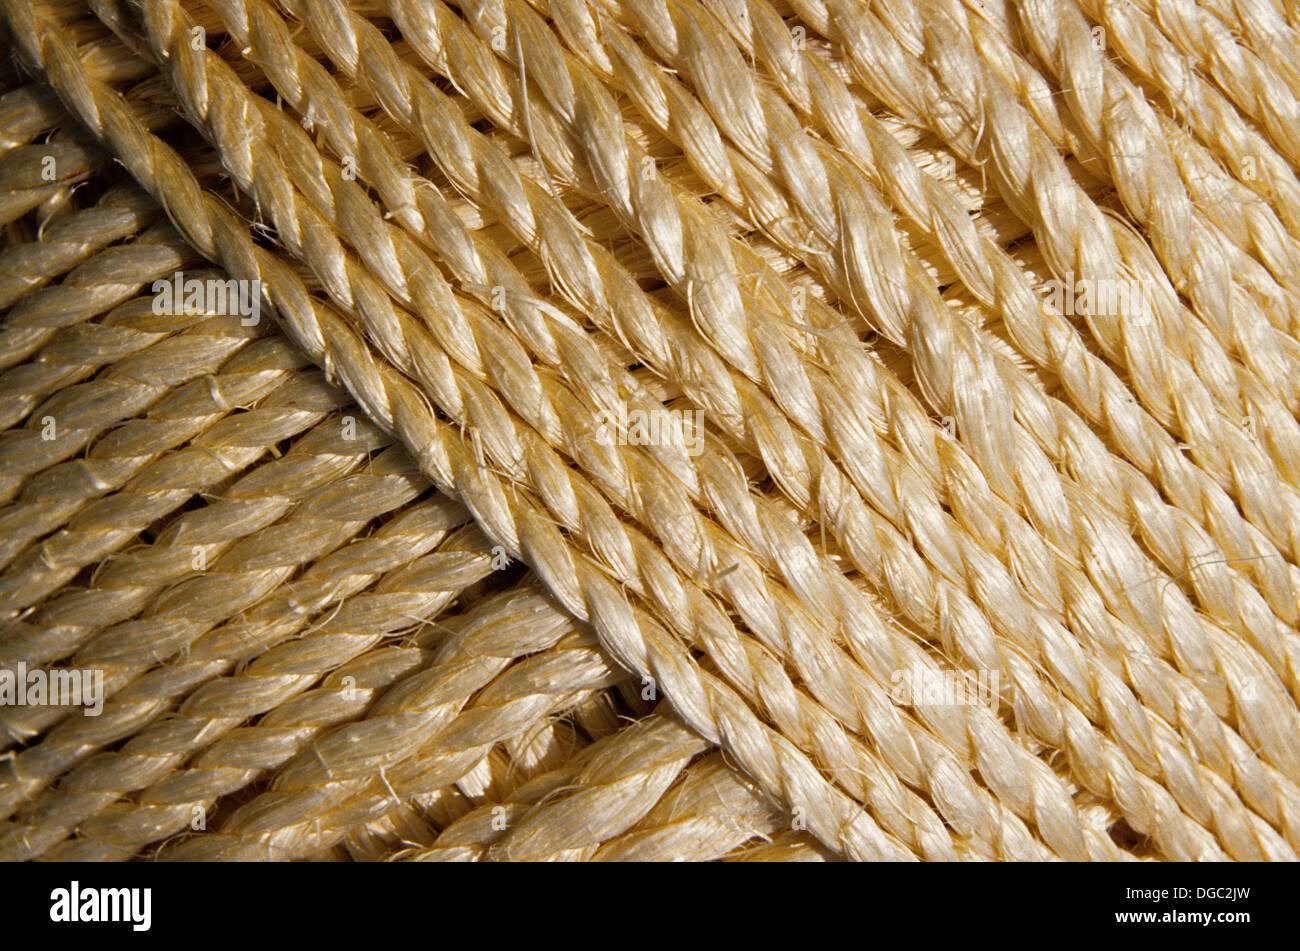 Stringa di spago corda di canapa intrecciata cavo Immagini Stock